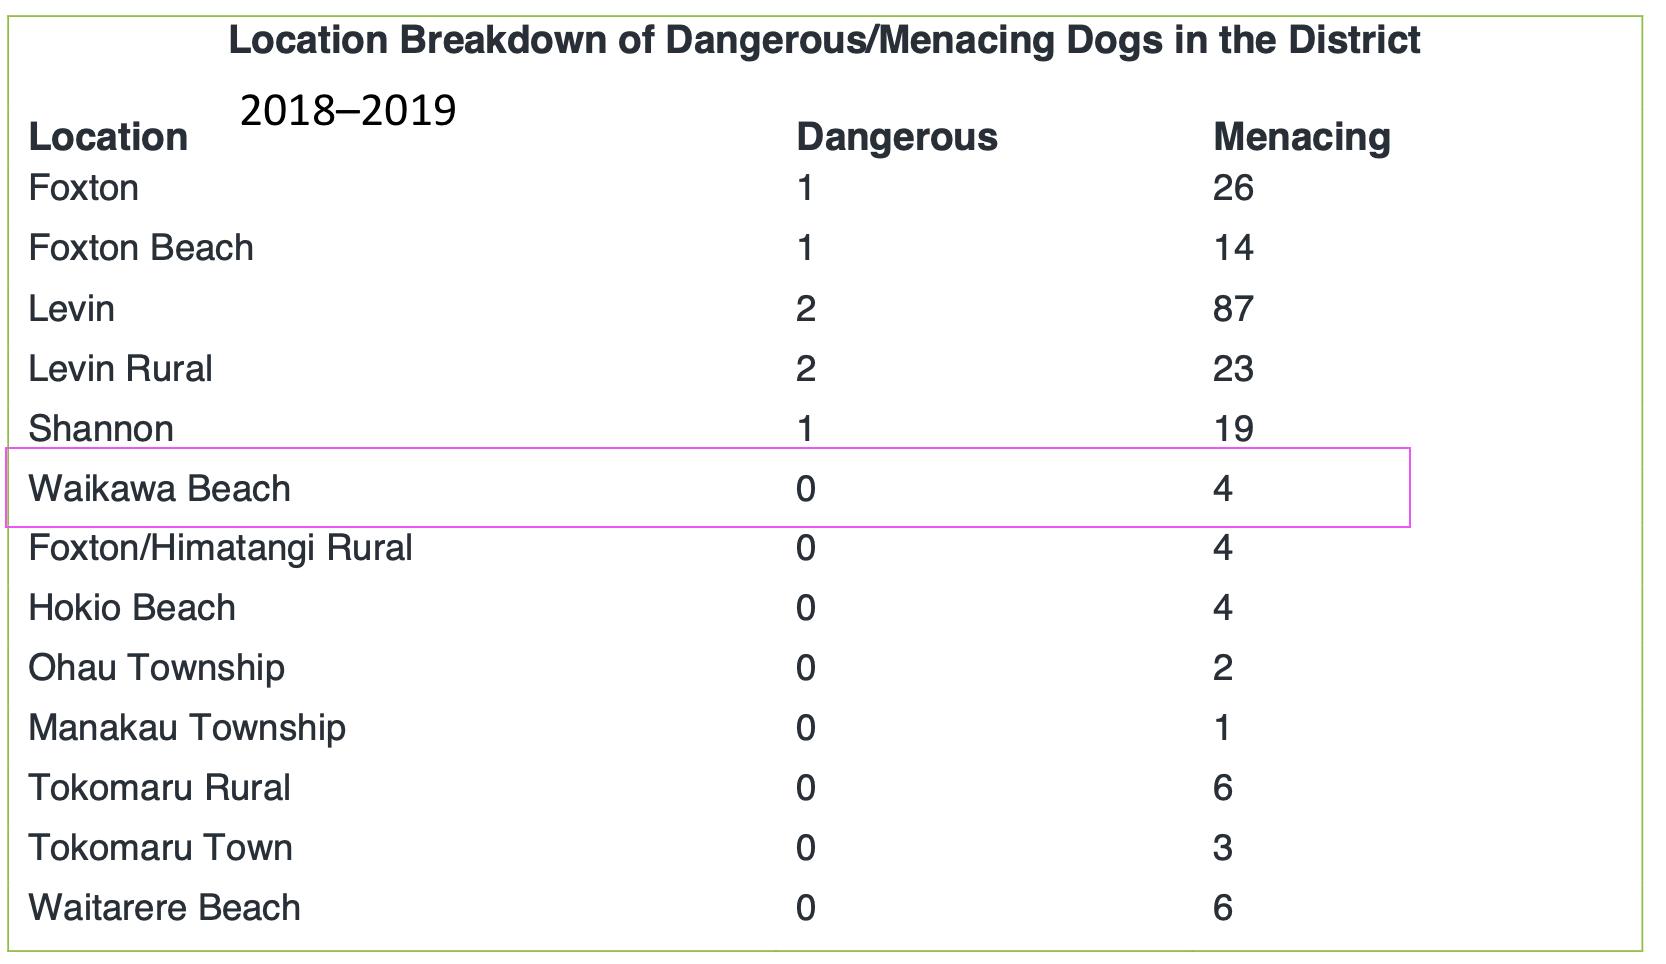 Menacing dogs 2018 to 2019.